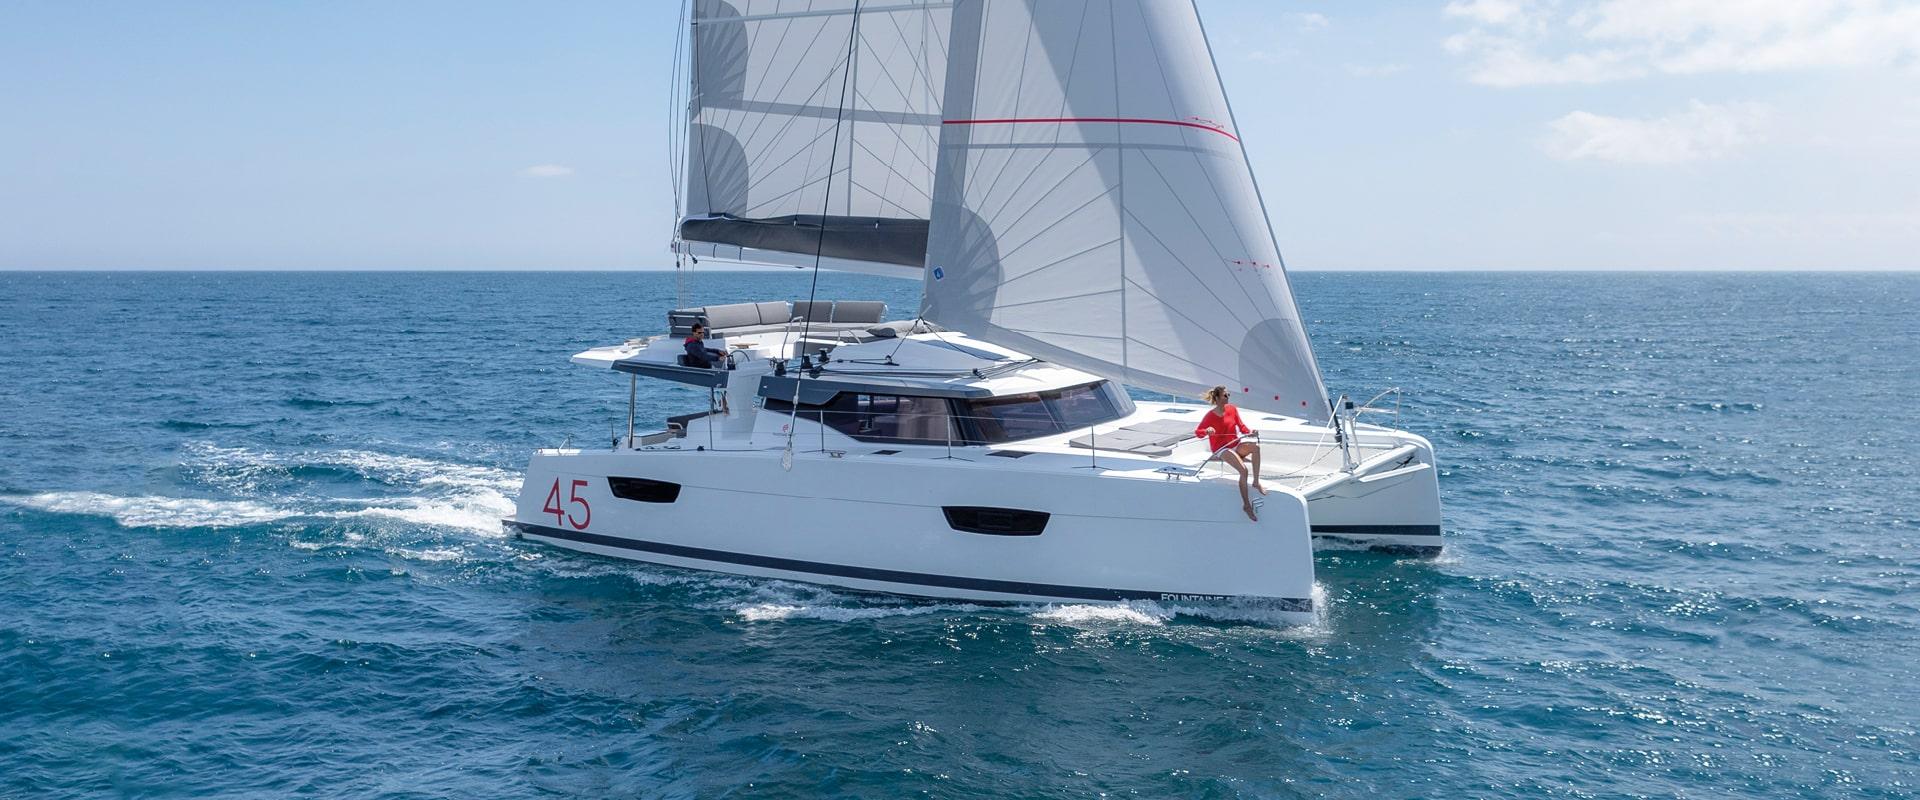 Parti di una barca a vela: catamarani